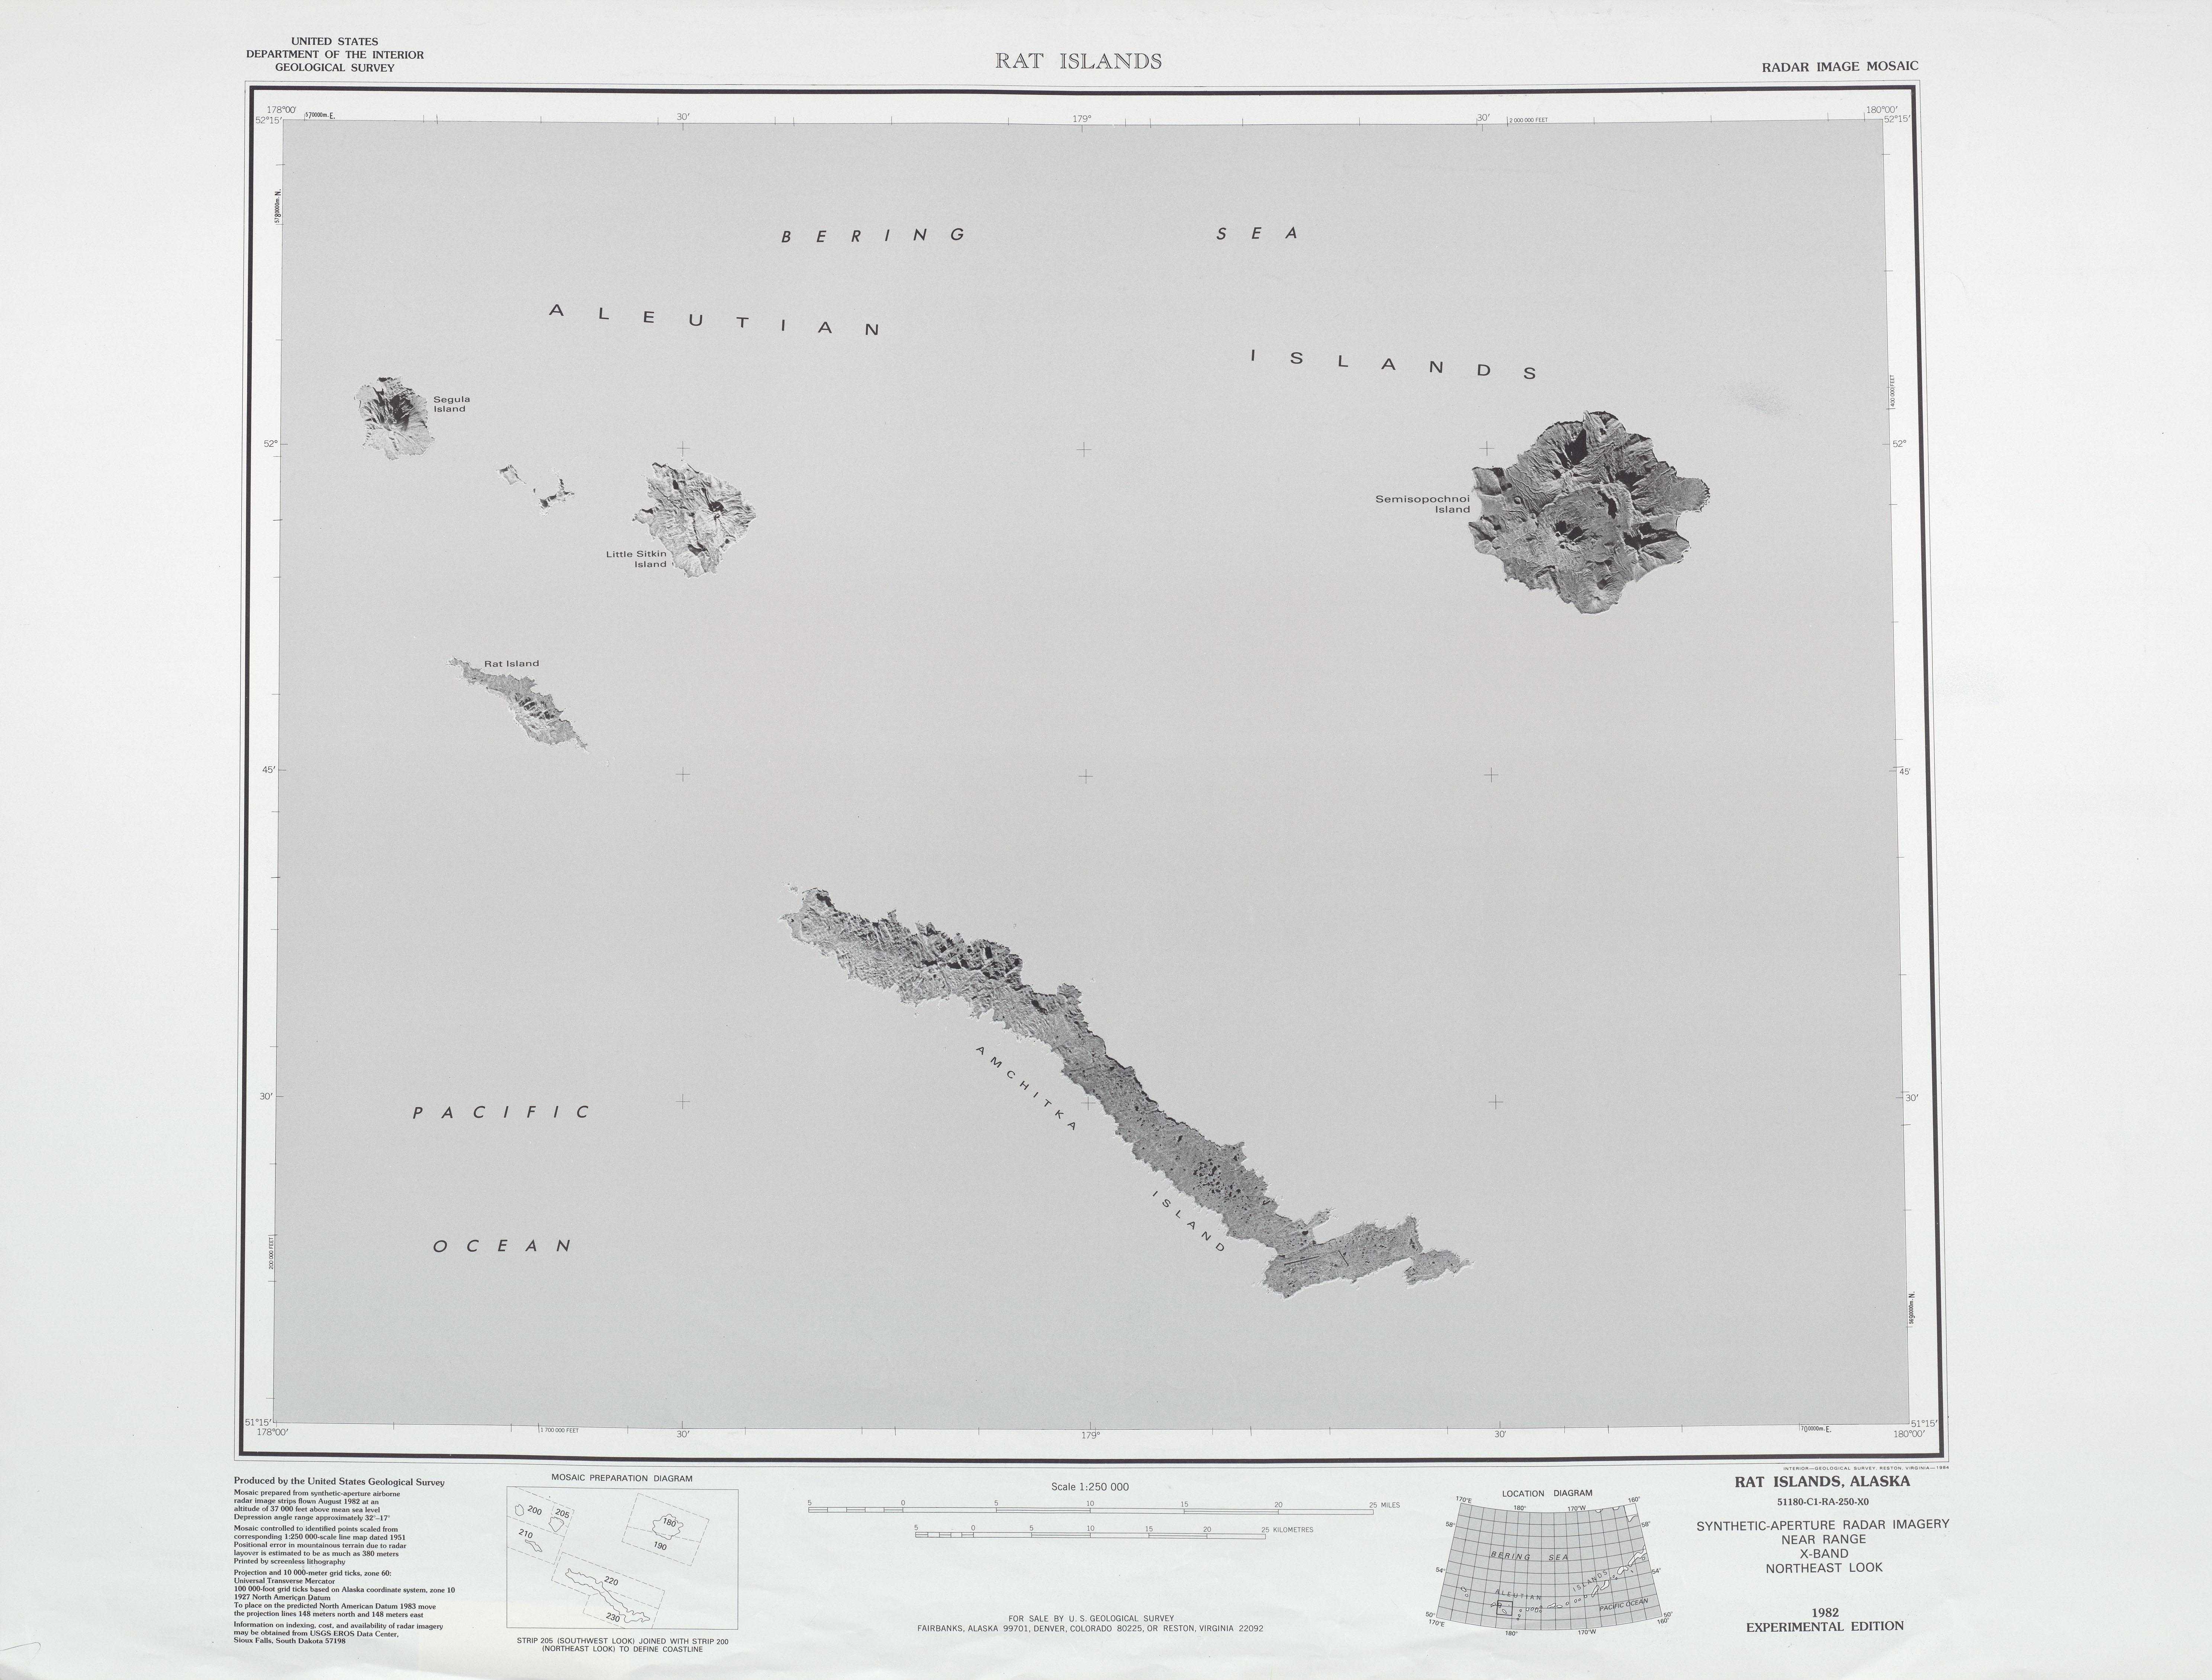 Hoja Rat Islands del Mosaico de Imágenes Radar de los Estados Unidos 1983